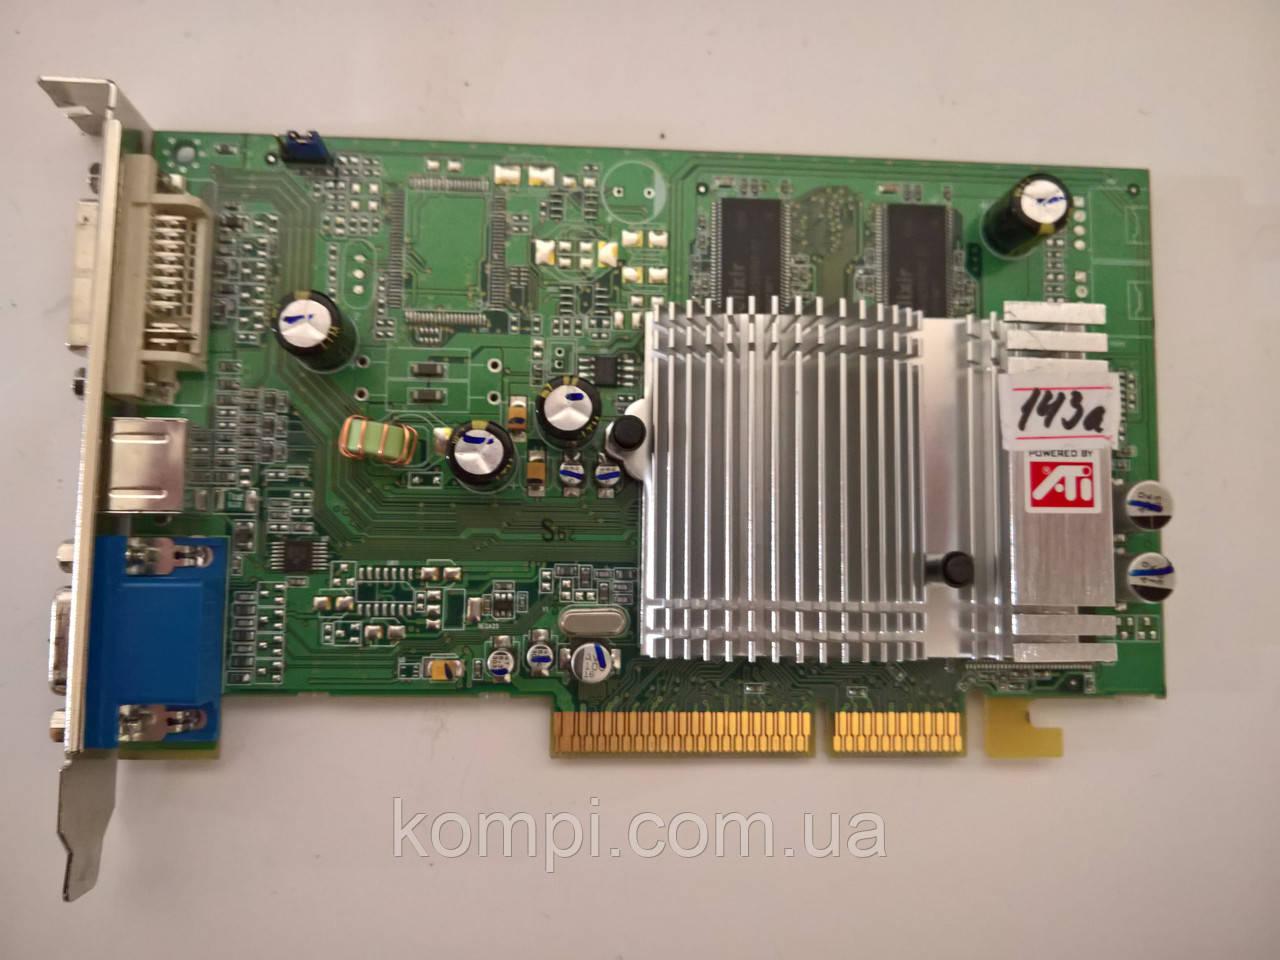 Купить agp видеокарту 256mb б/у игровые видеокарты nvidia geforce цены